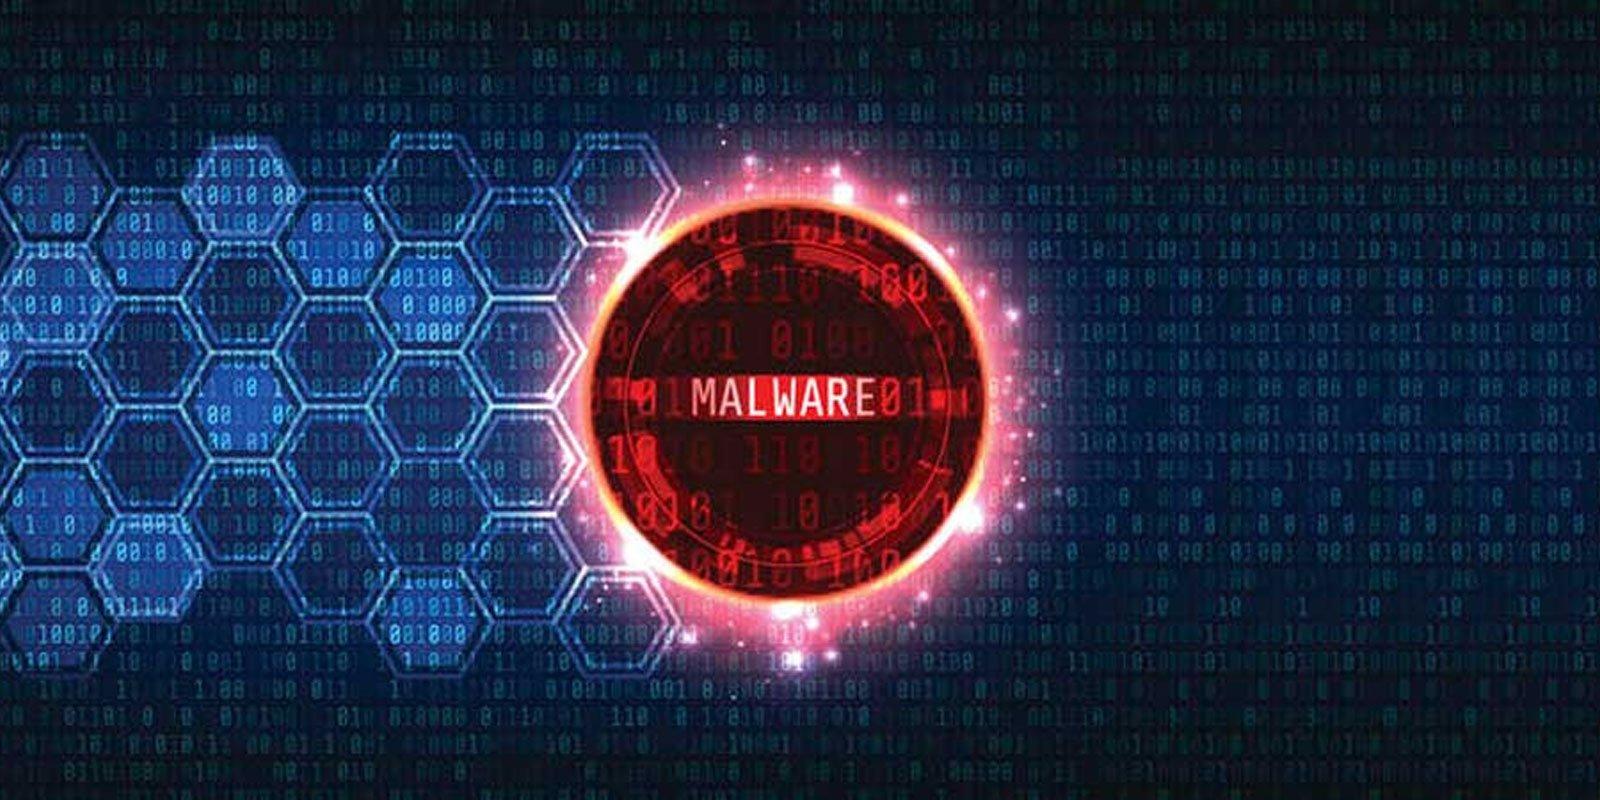 Le campagne malware forniscono payload tramite un oscuro servizio pastebin